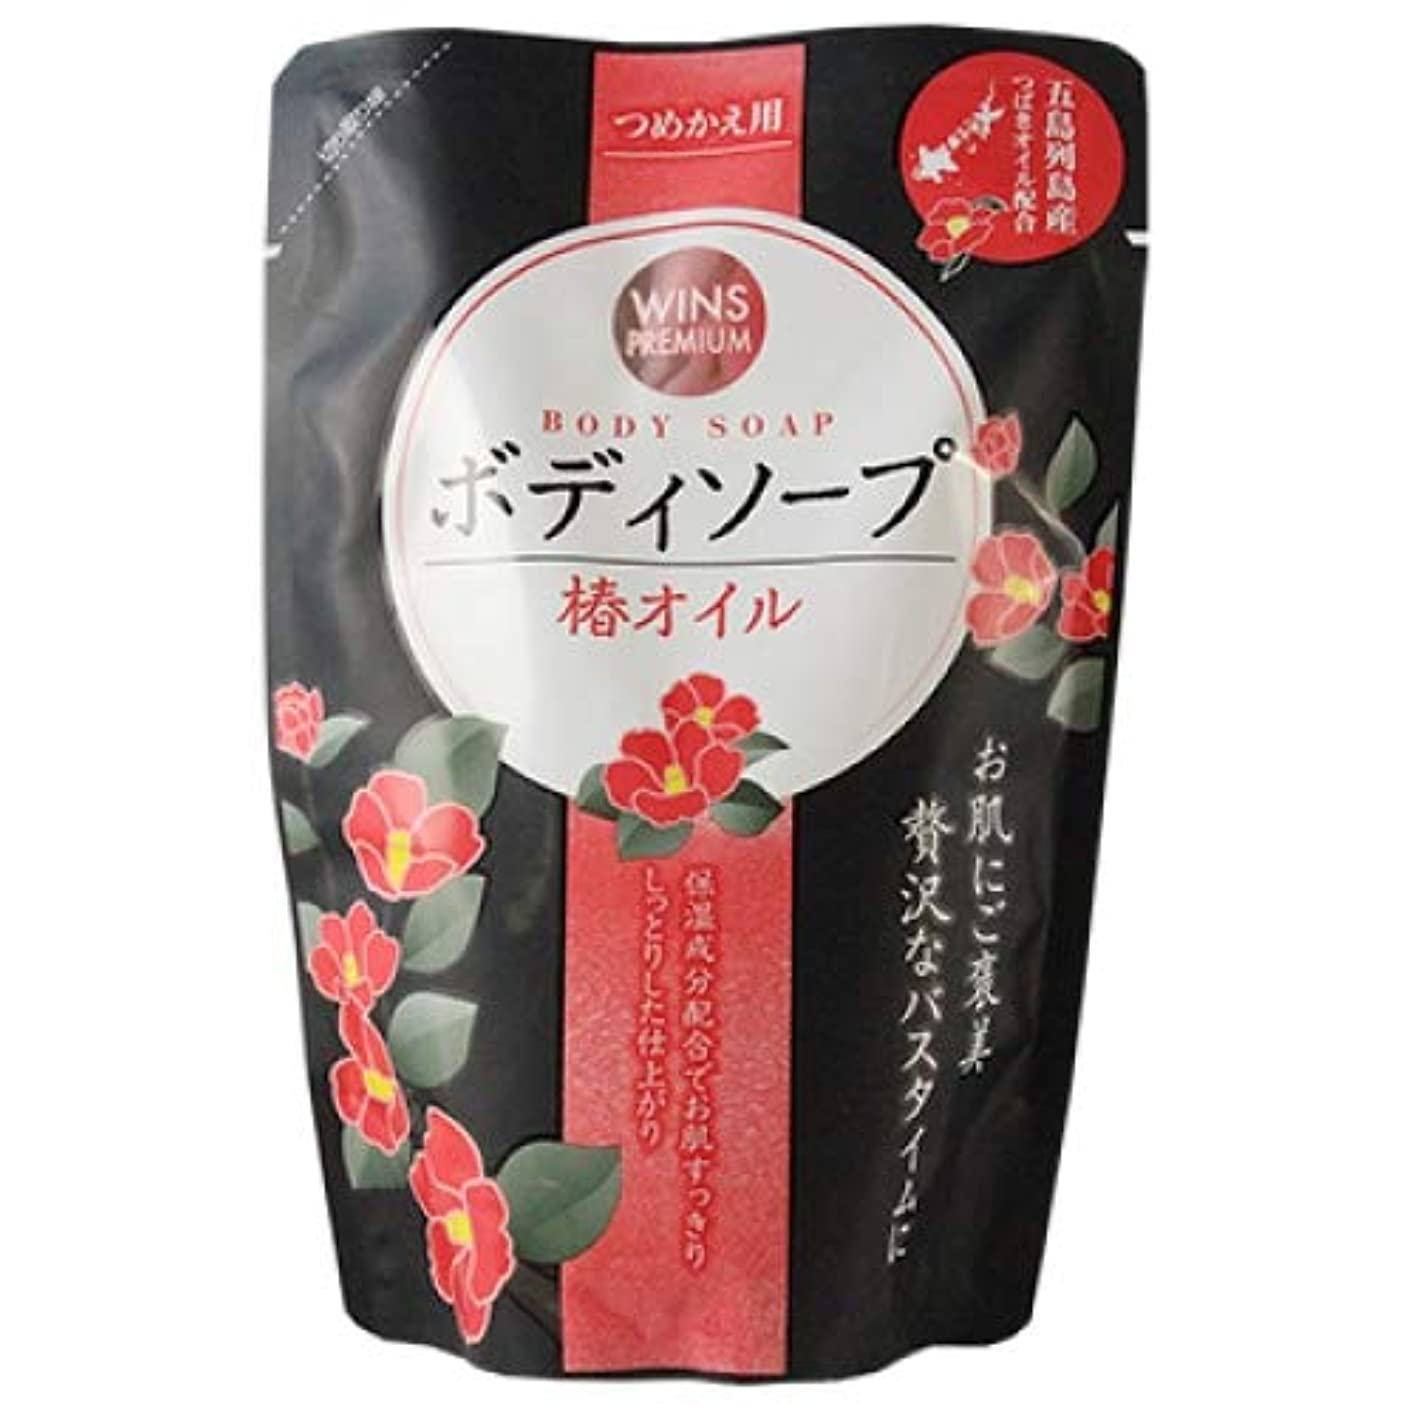 損傷可決お肉日本合成洗剤 ウインズ 椿オイル ボディソープ つめかえ用 400mL 4904112827240